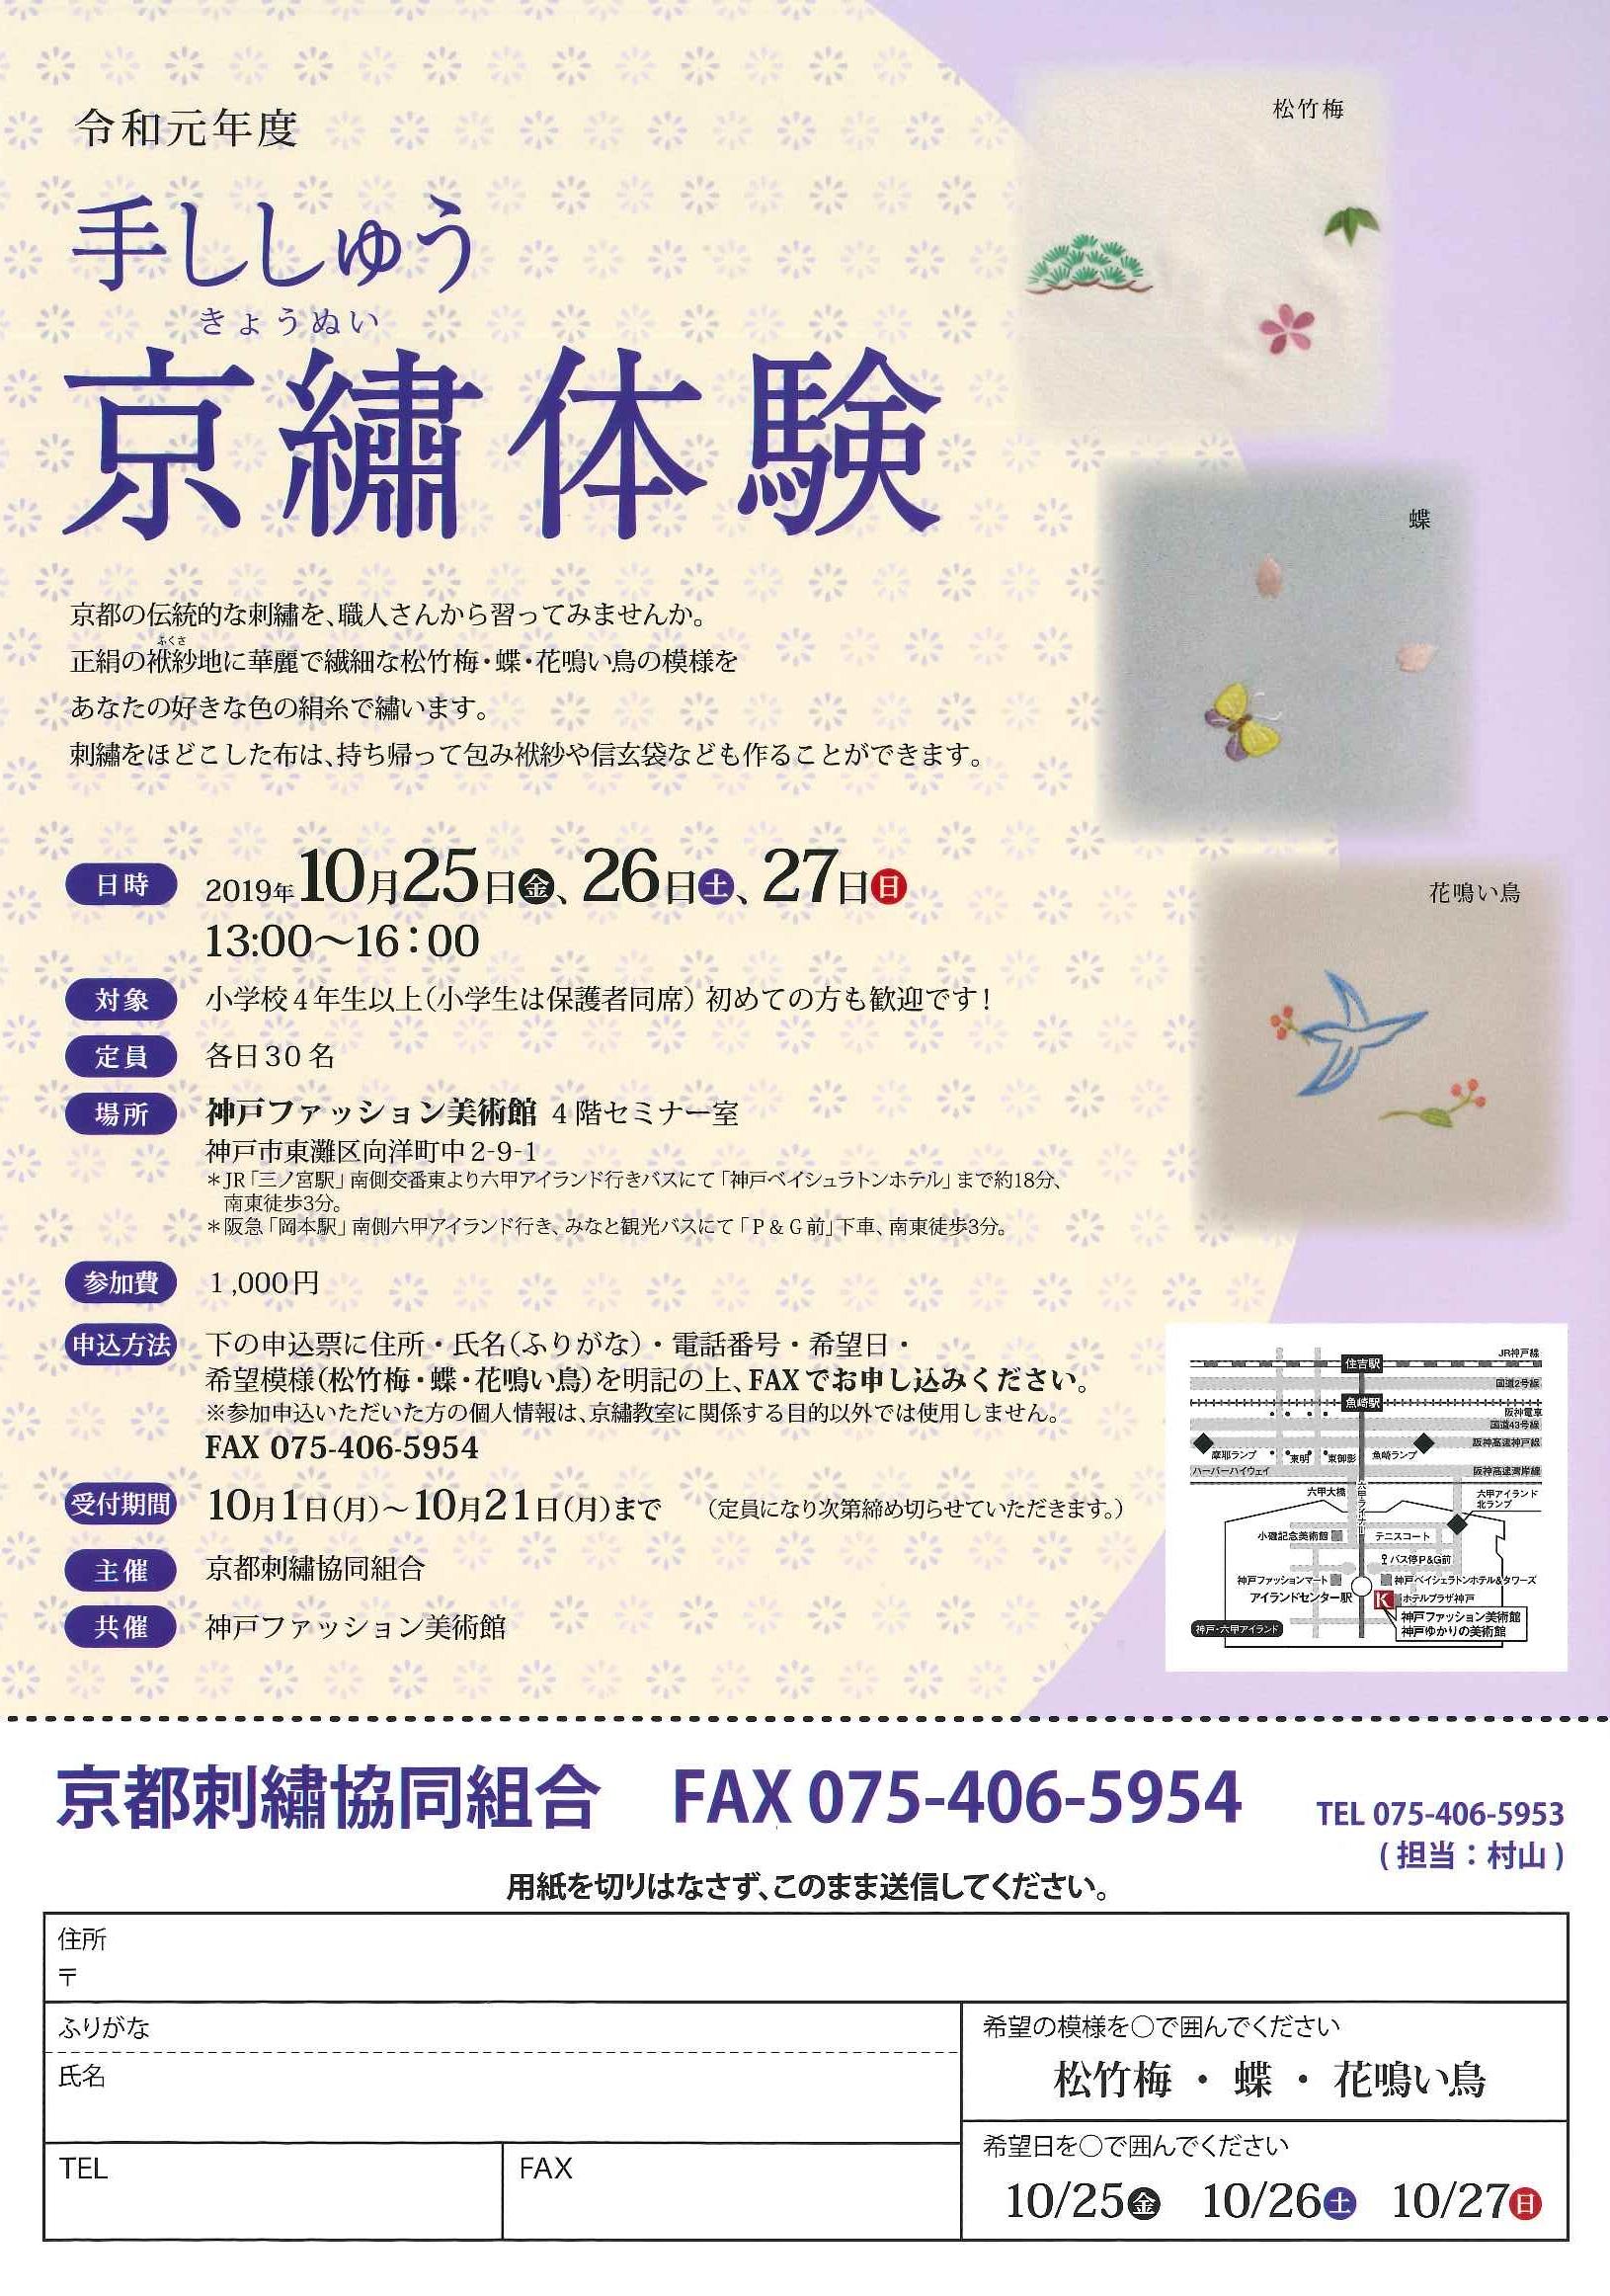 [ワークショップ]10/25(金)~27(日) 「手ししゅう 京繍(きょうぬい)体験」参加者募集中!